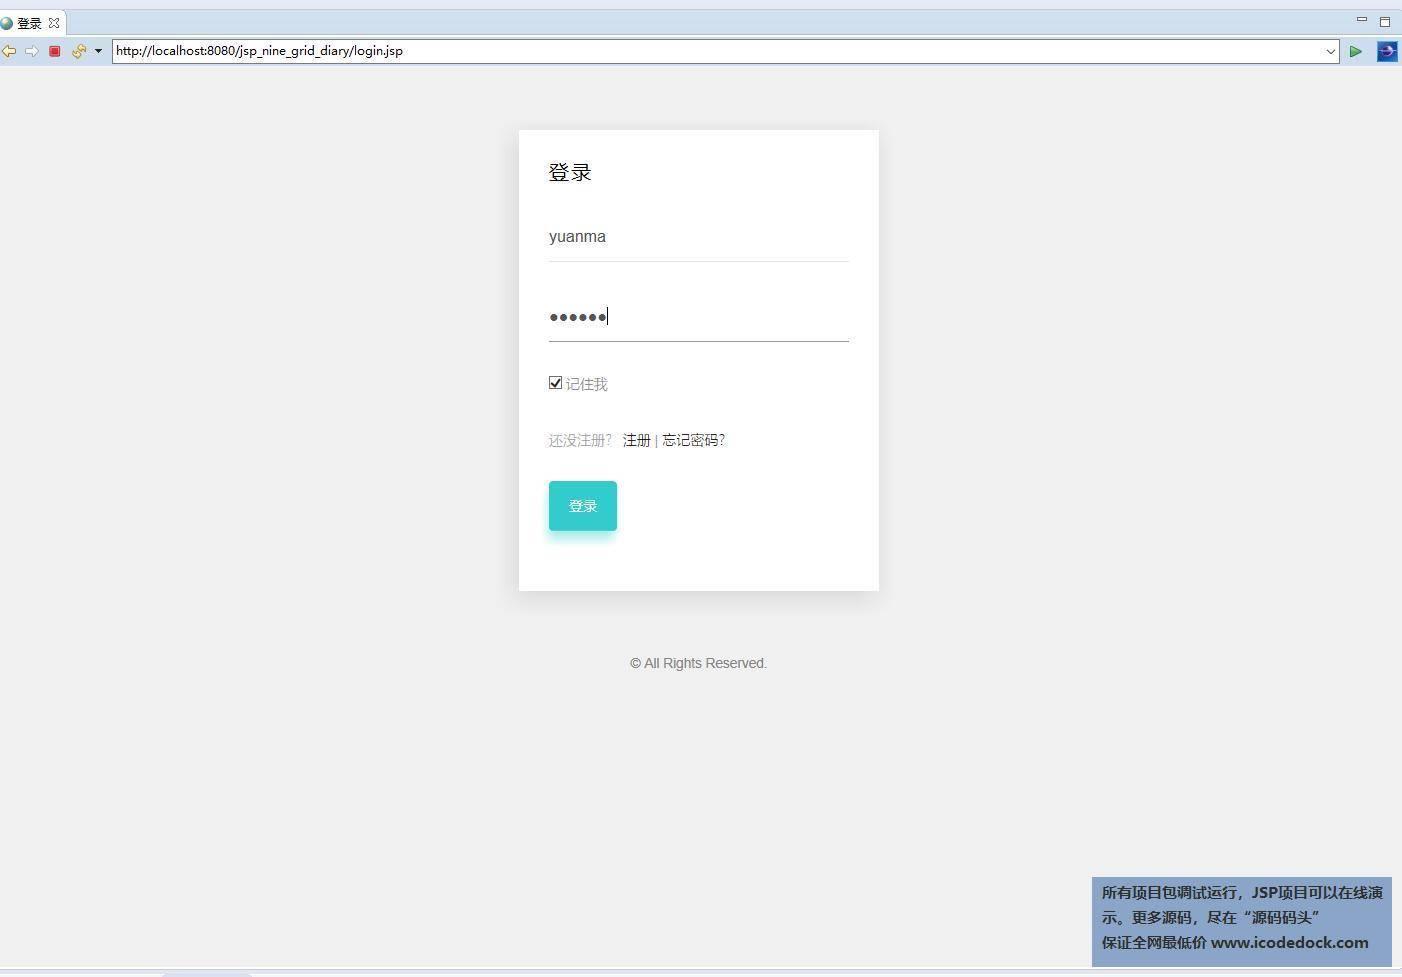 源码码头-JSP九宫格日记本-用户角色-用户登录